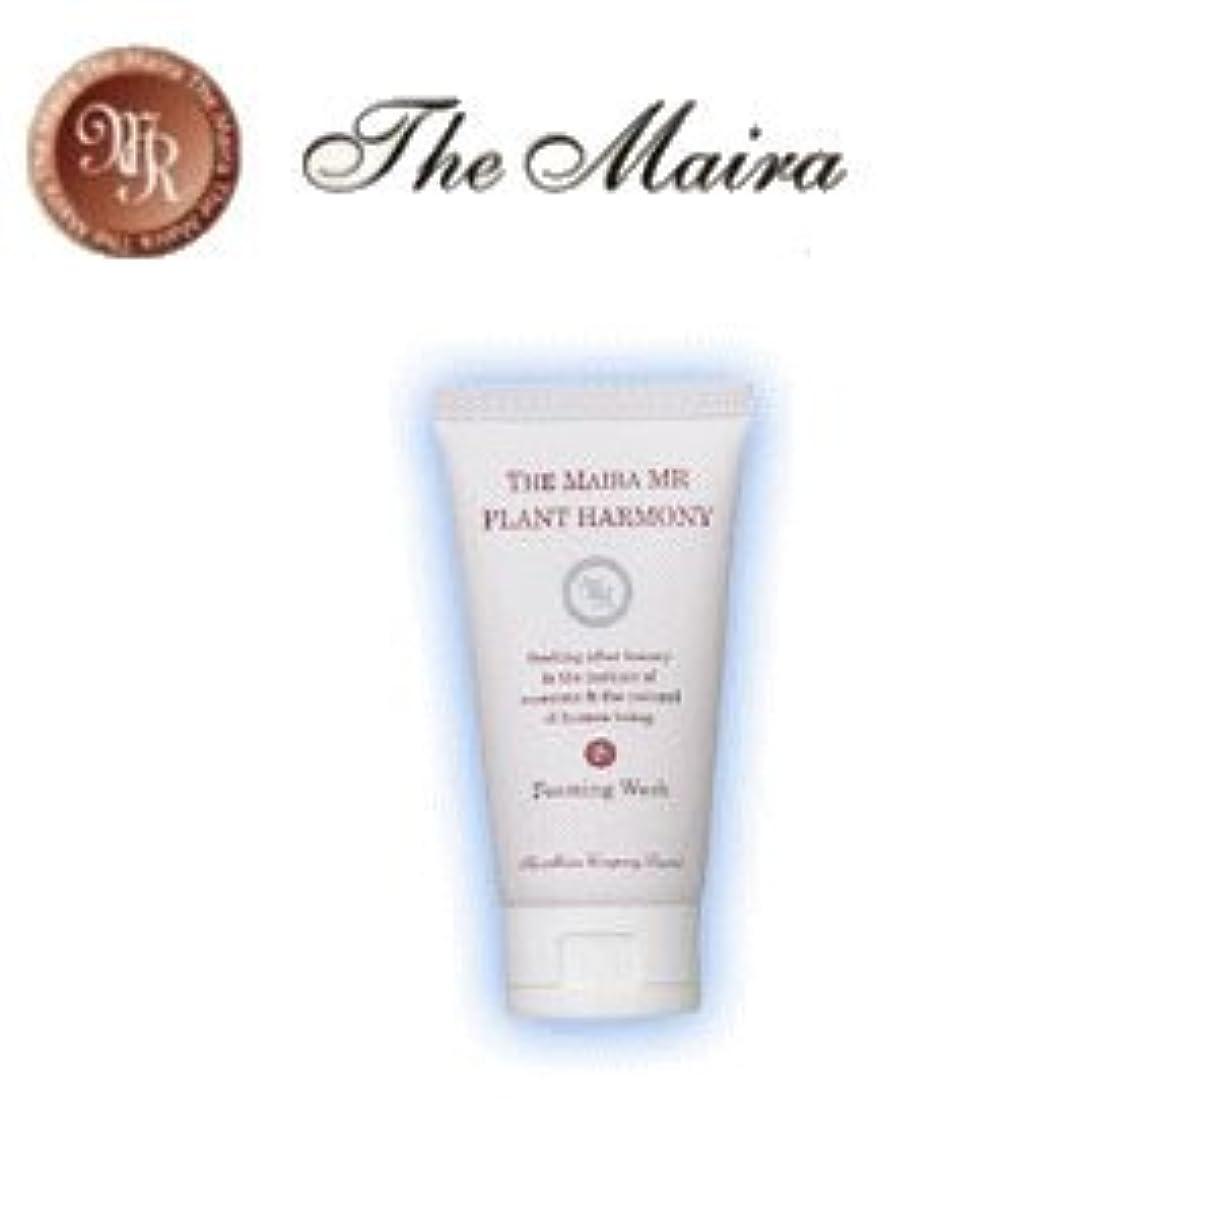 The Maira(ザ マイラ) MRプランタハーモニーフォーミングウォッシュ85g 美容 洗顔フェイシャル